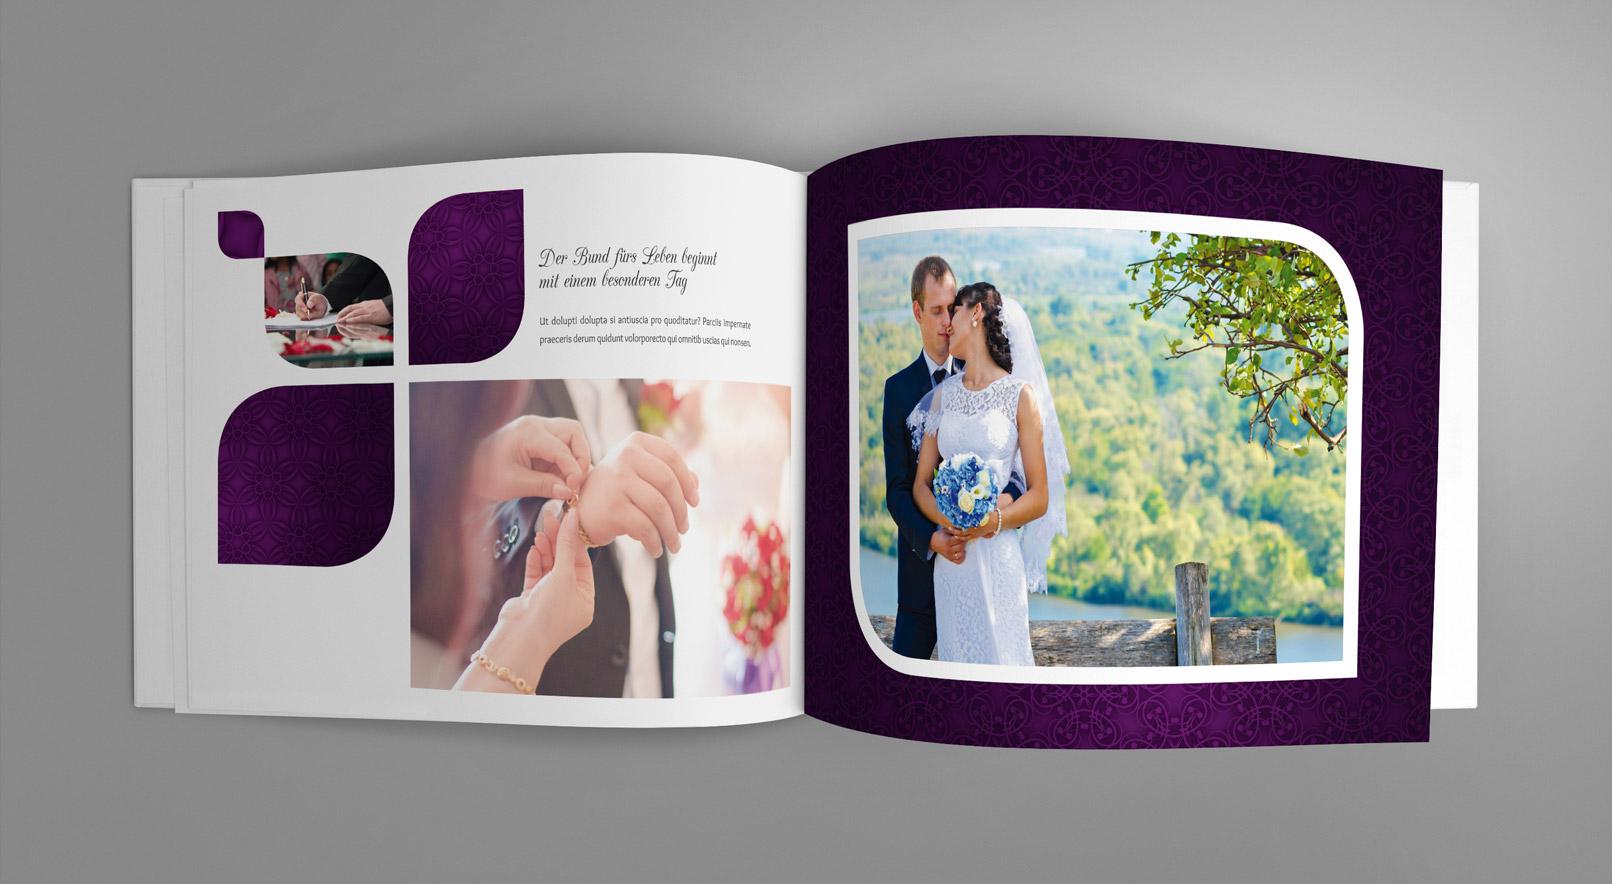 Geburtstagszeitung mit lila Hintergrund und lila Elementen